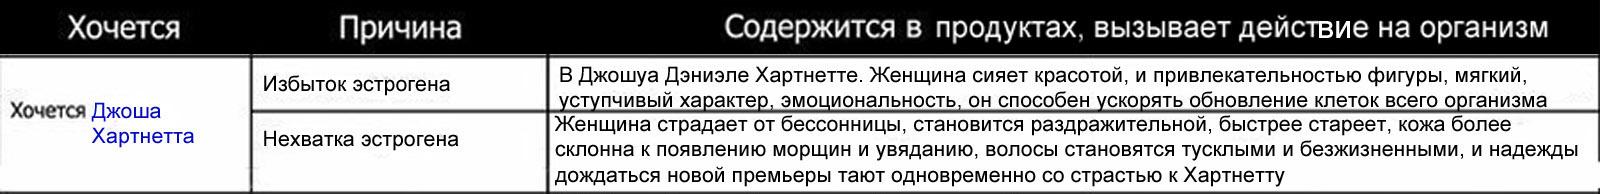 http://s5.uploads.ru/hnl0d.jpg